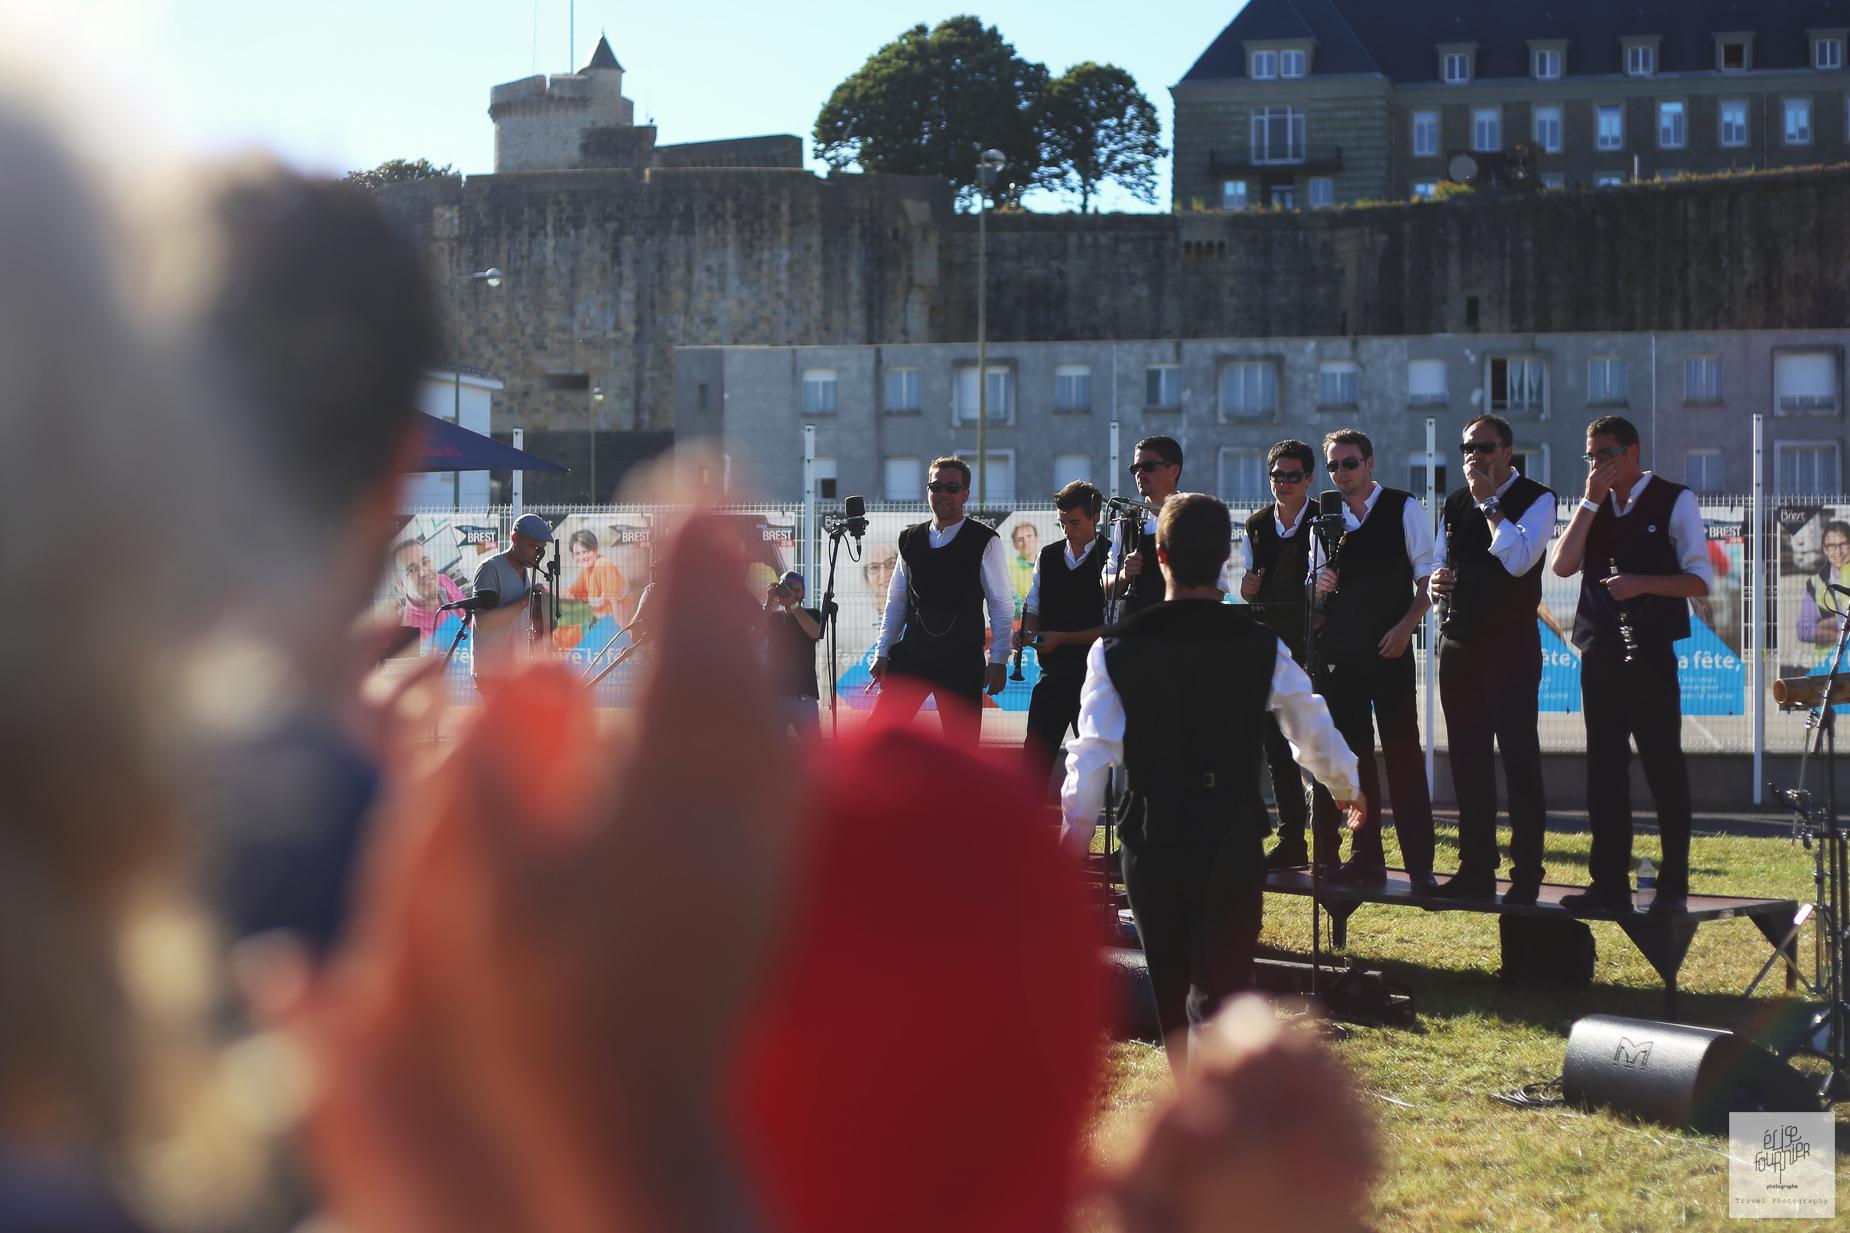 Fetes maritimes de Brest 2016 - photographe Elise Fournier - evenementiel